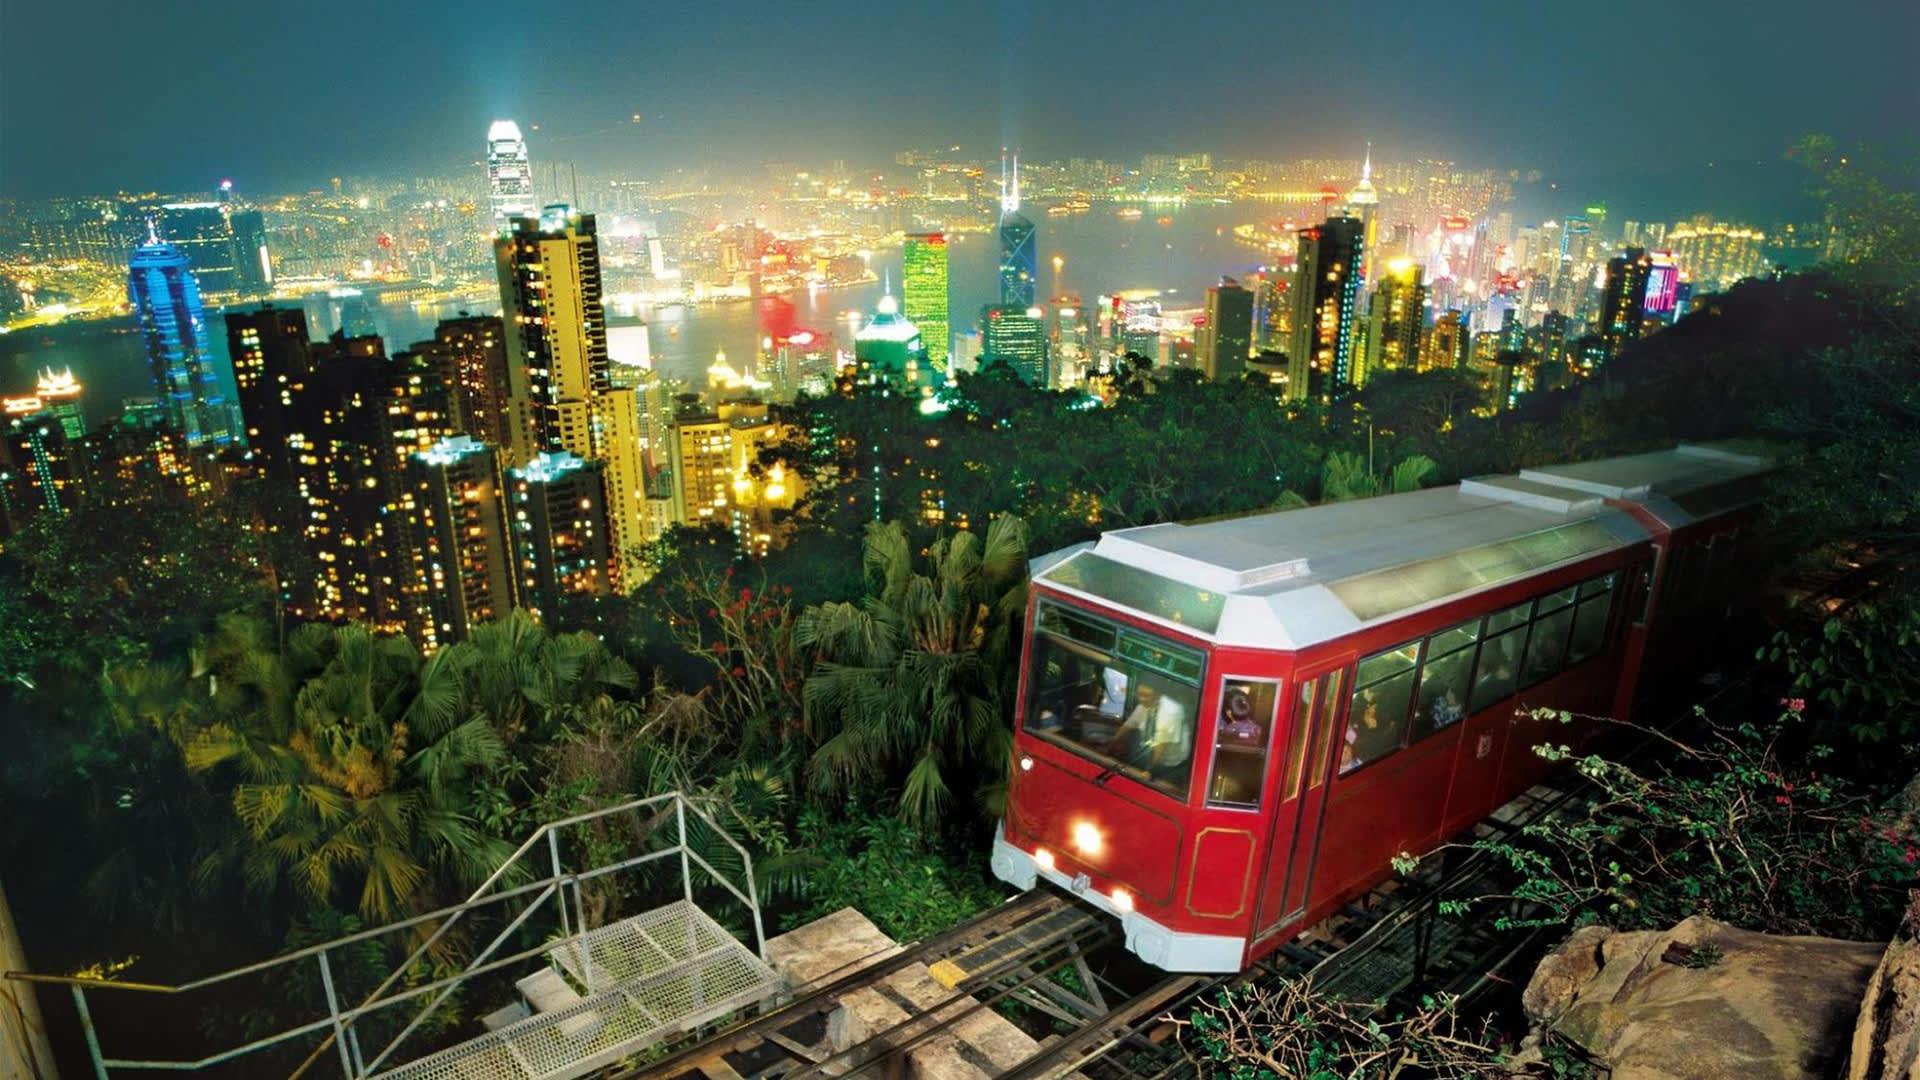 Hong Kong By Bay